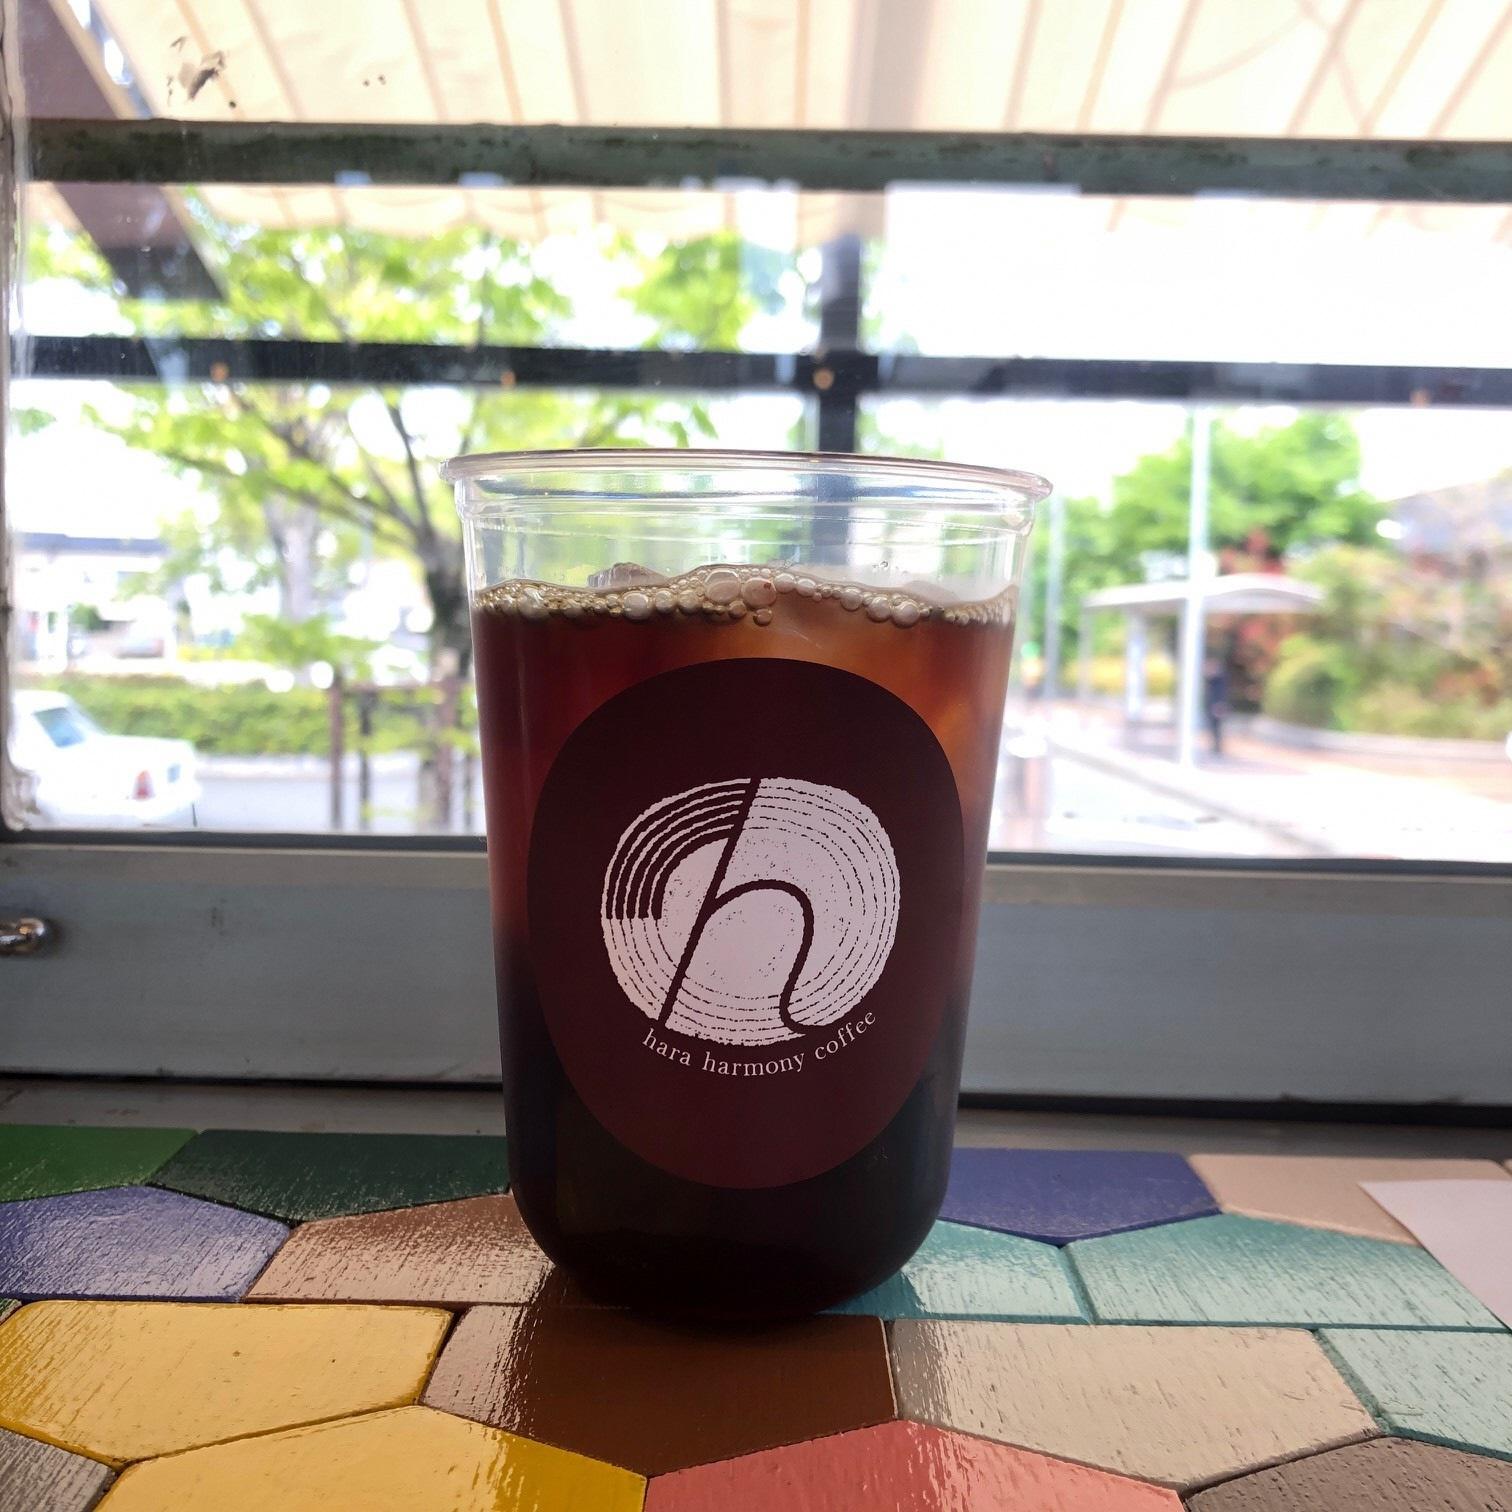 hara-harmony-coffee-4-2